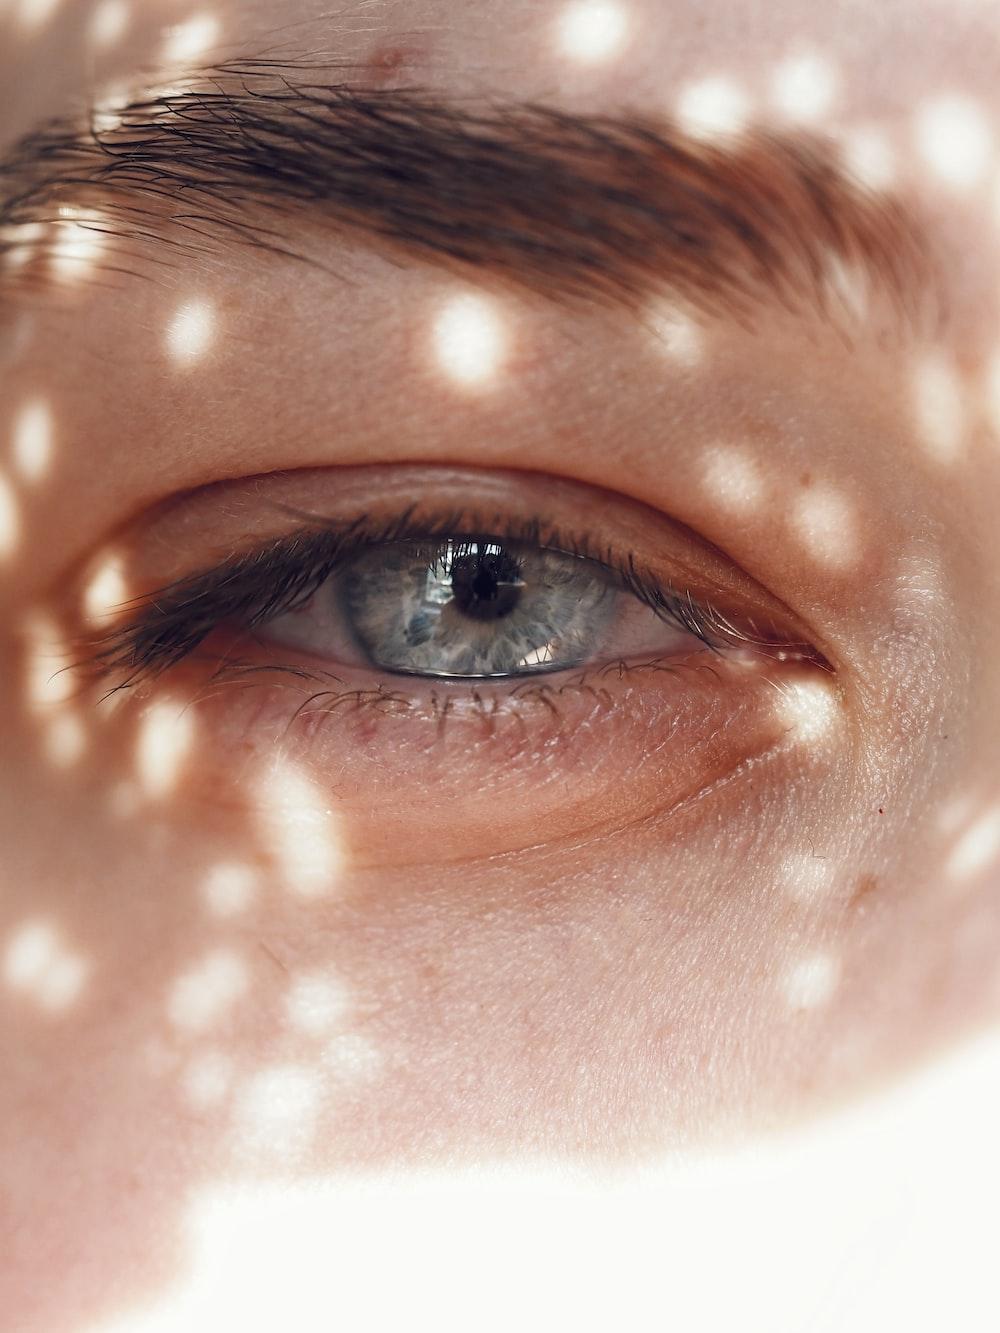 close-up photo of human eyes